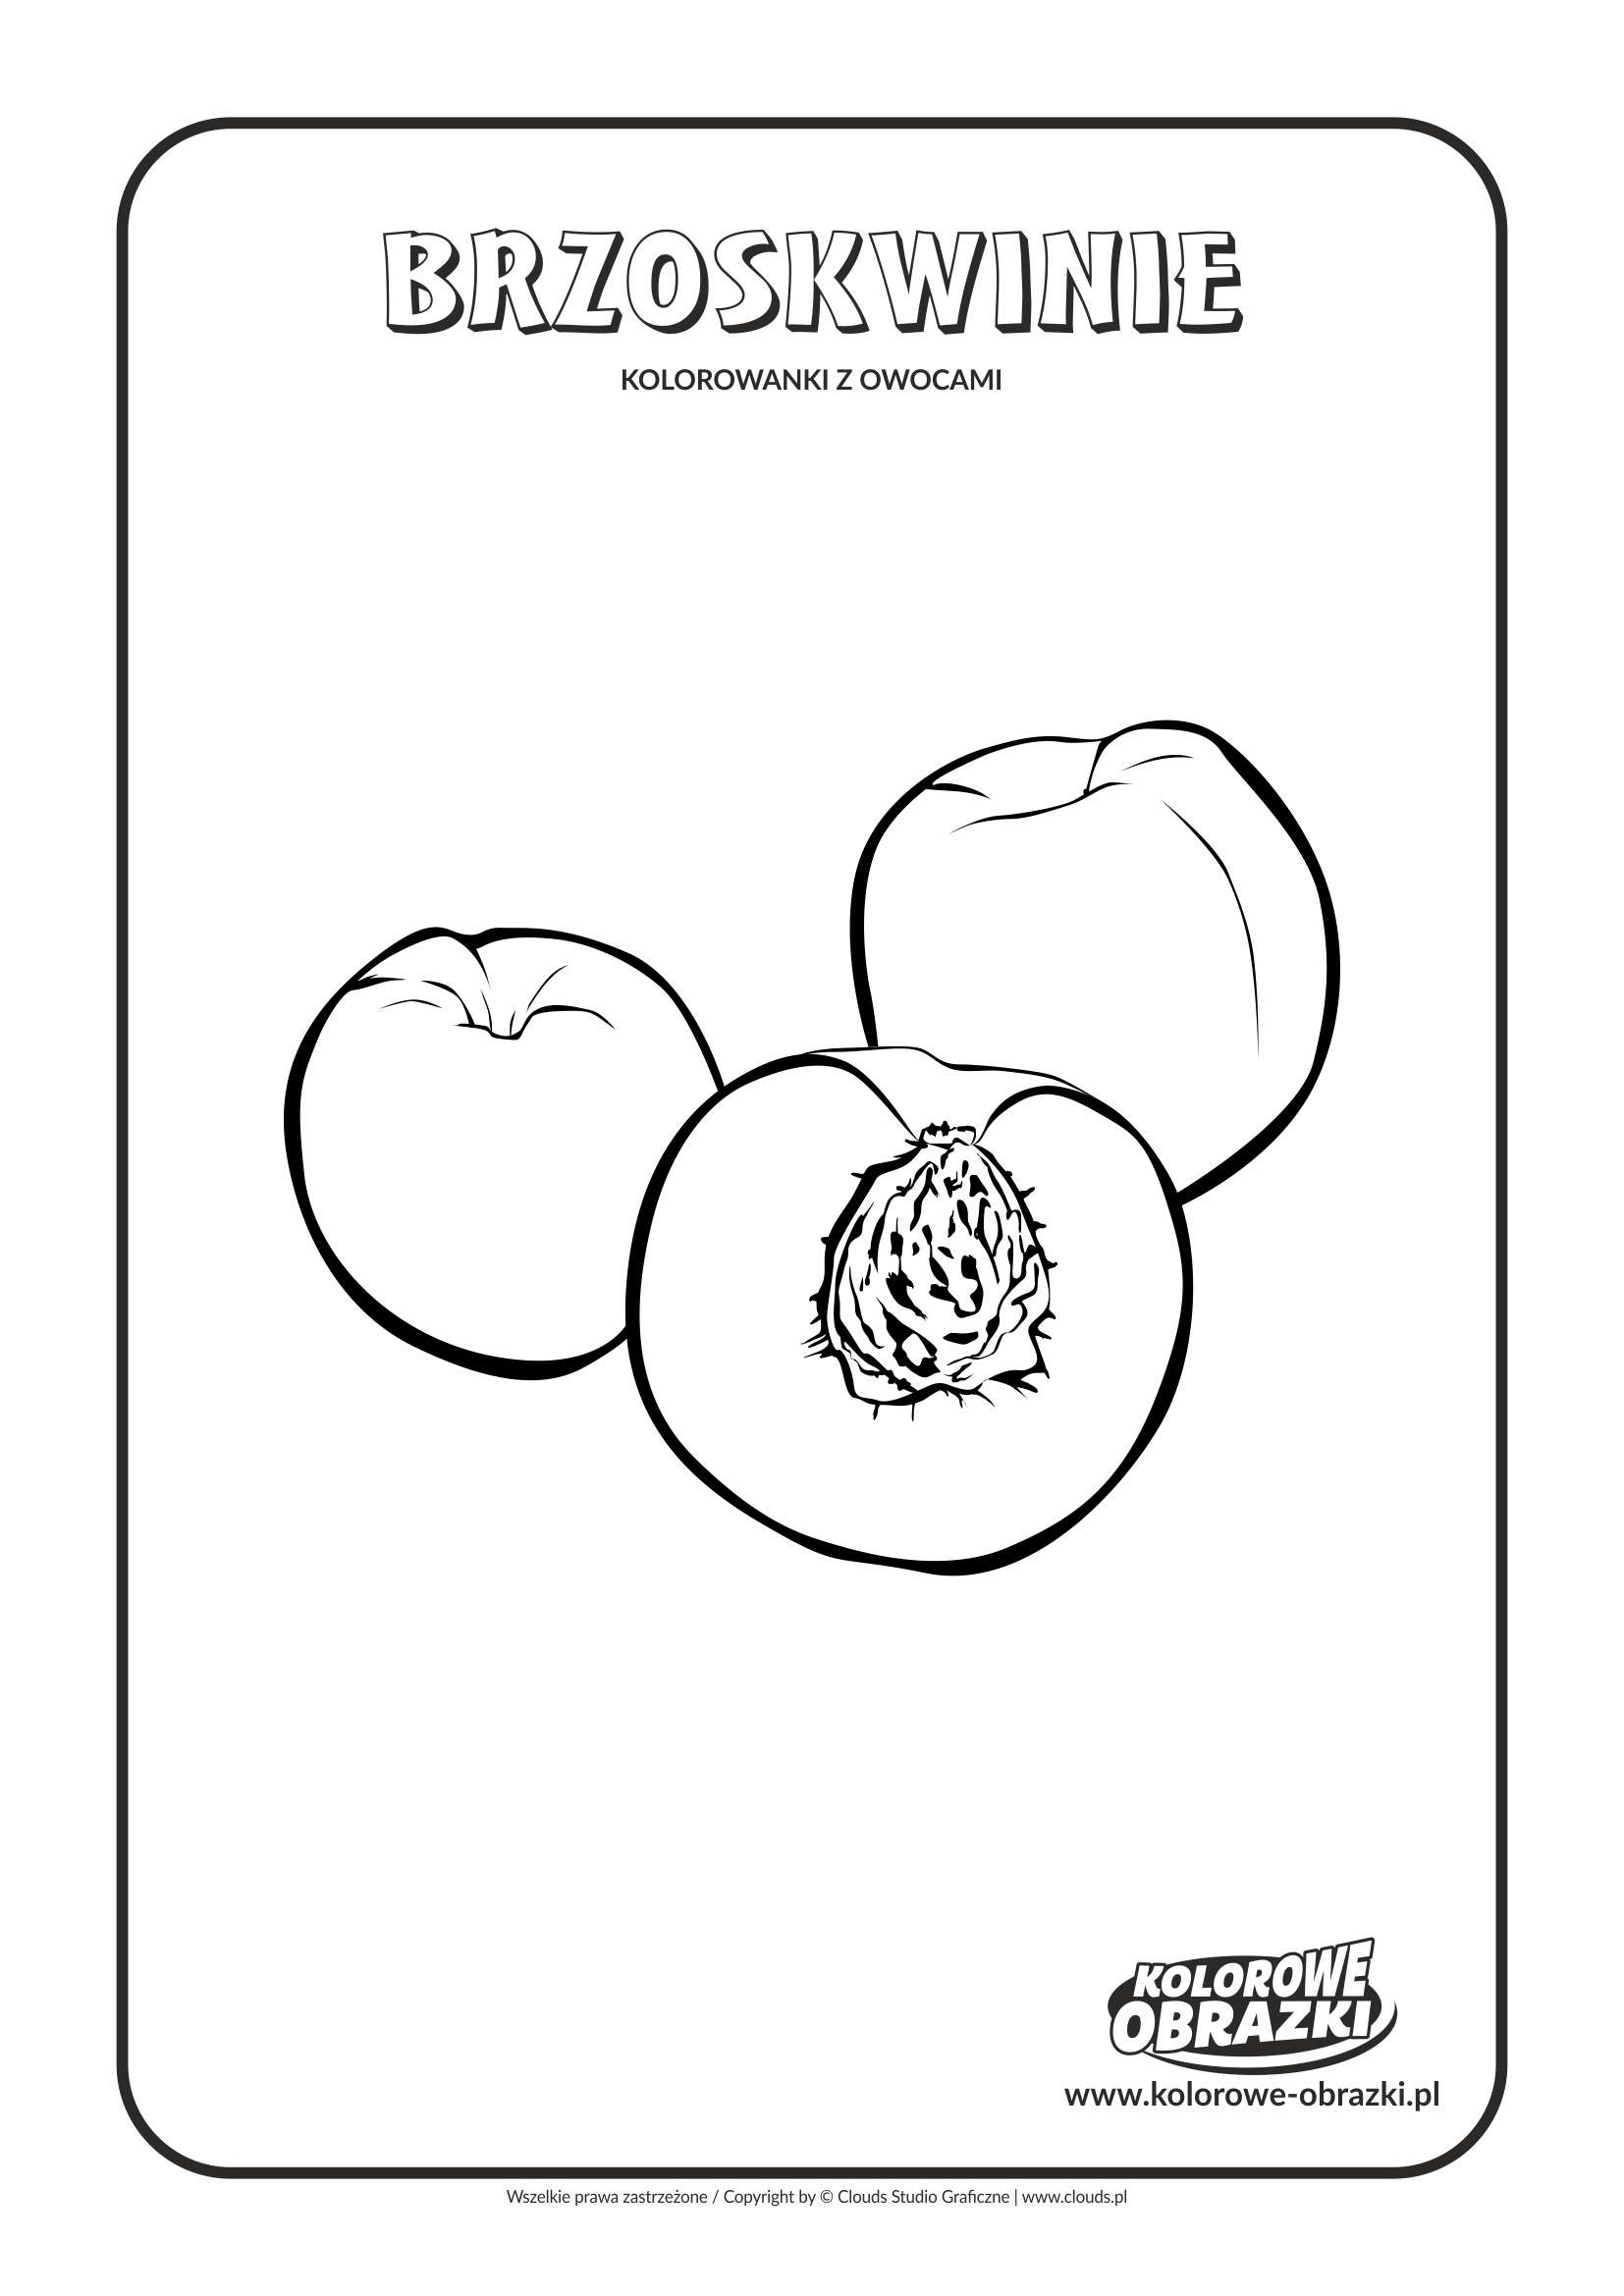 Kolorowanki dla dzieci - Rośliny / Brzoskwinie. Kolorowanka z brzoskwiniami